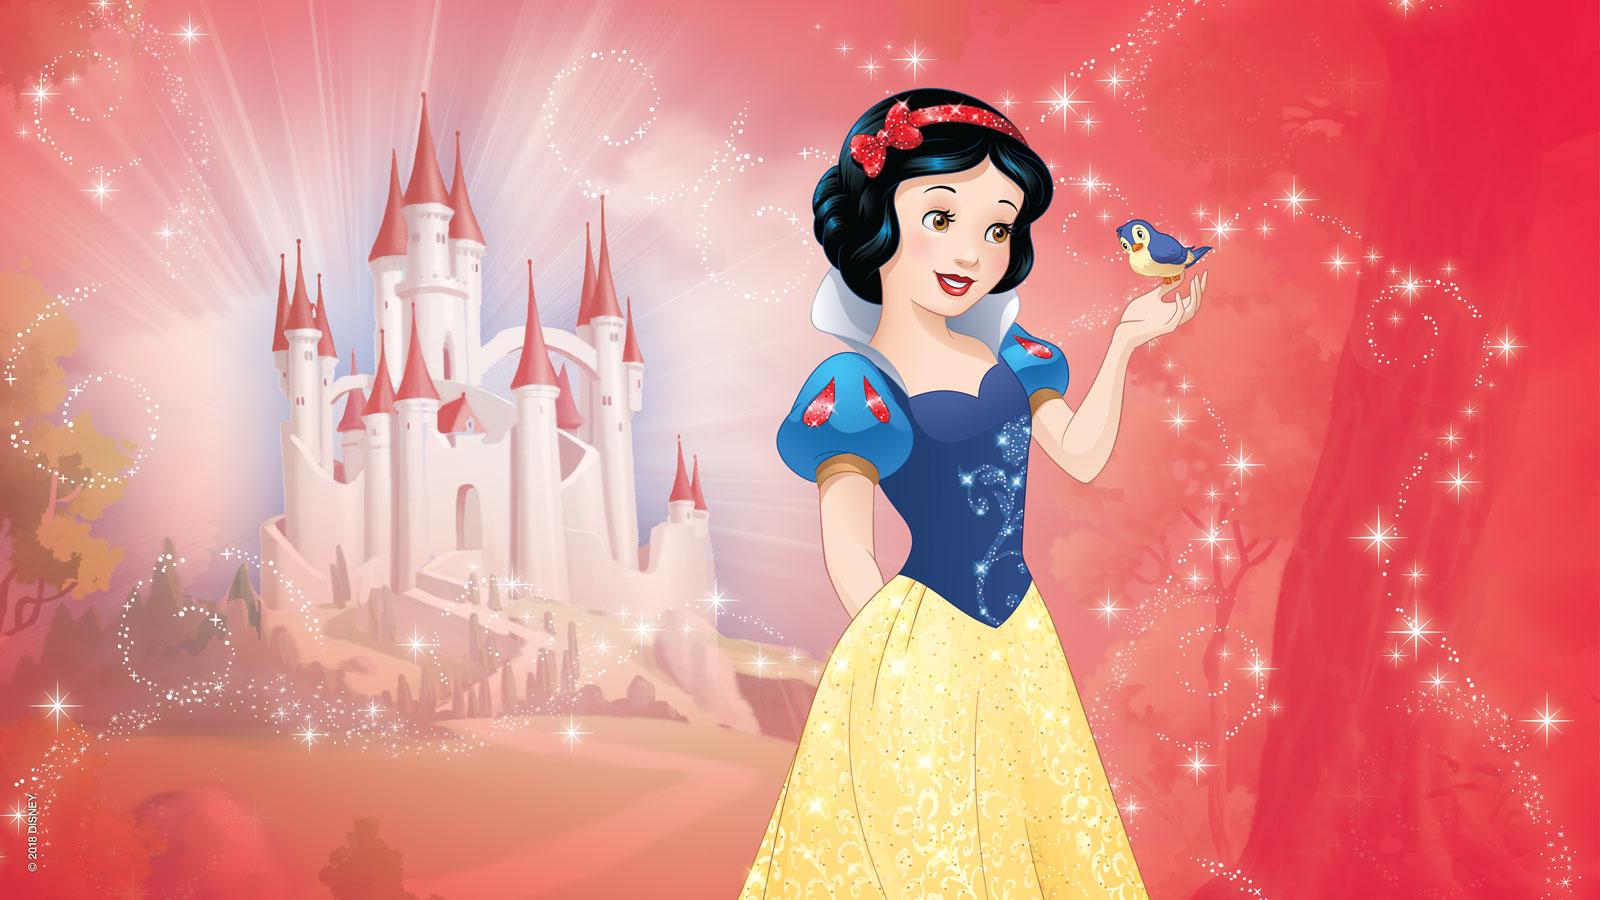 Princesses disney famigros - Image de princesse ...